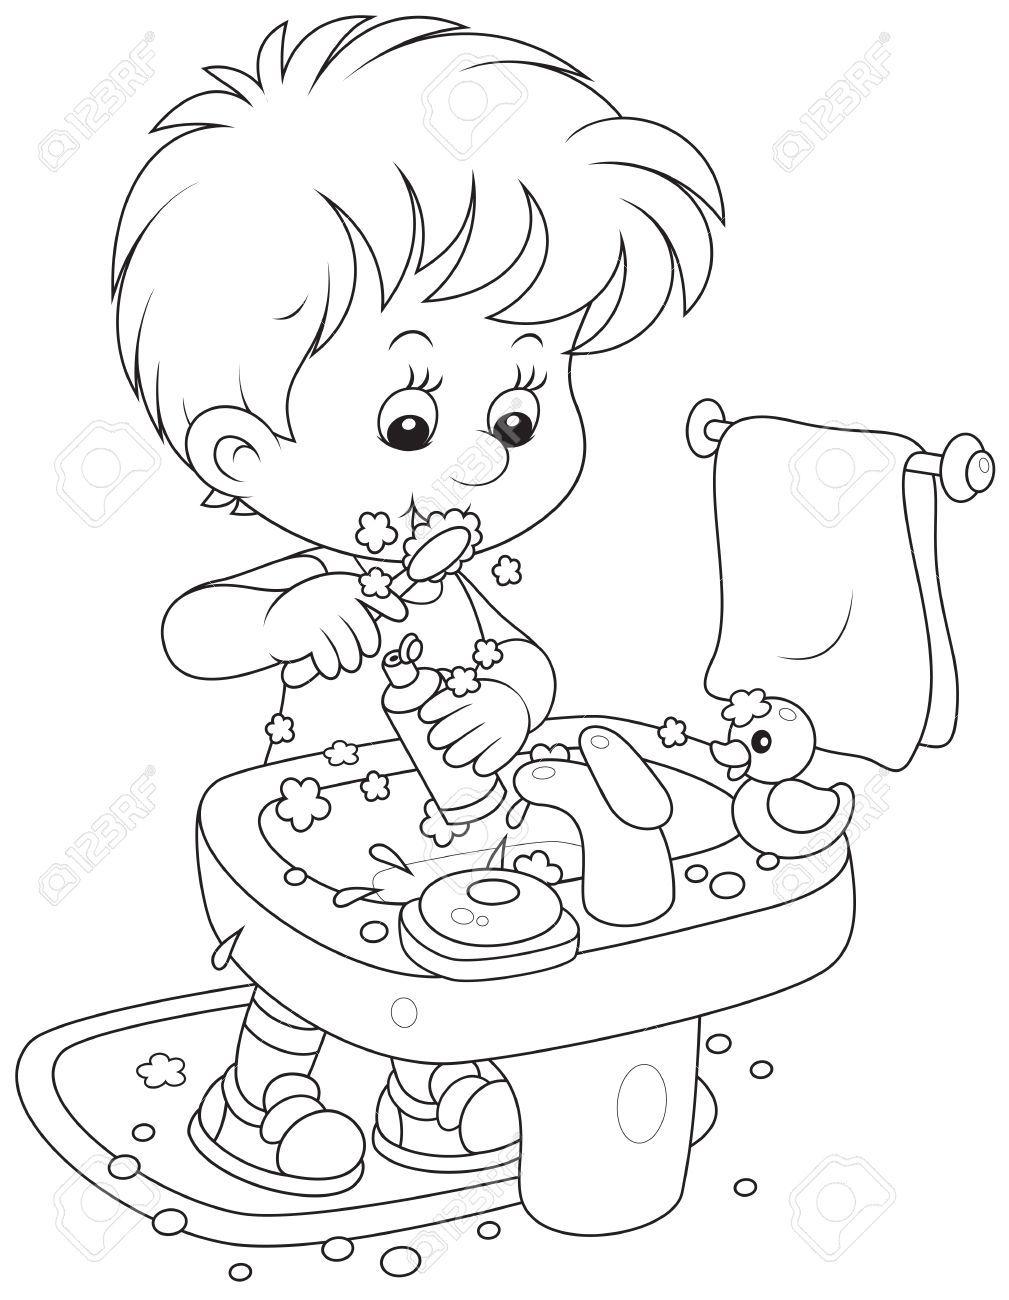 Imagen Relacionada Dibujos Ninos Diente Dibujo